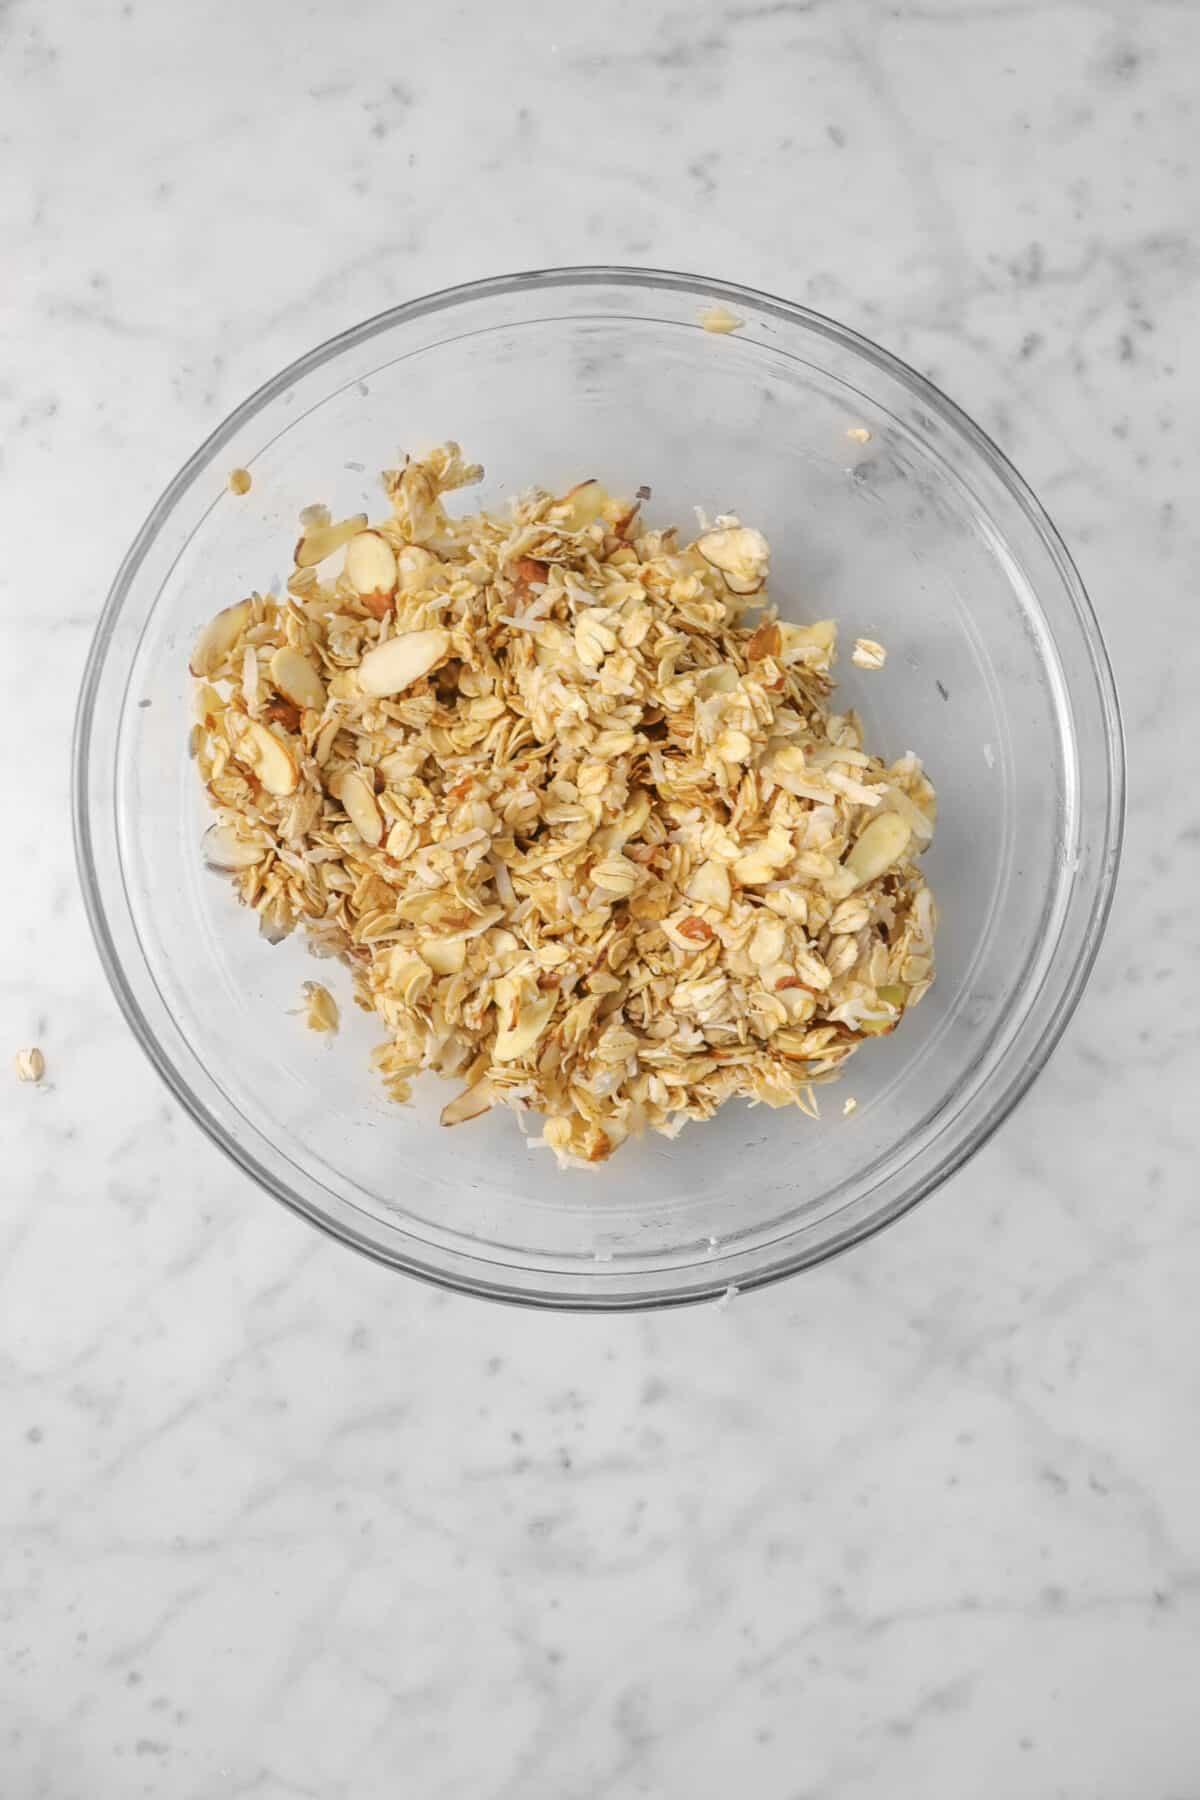 honey mixed into oatmeal mixture